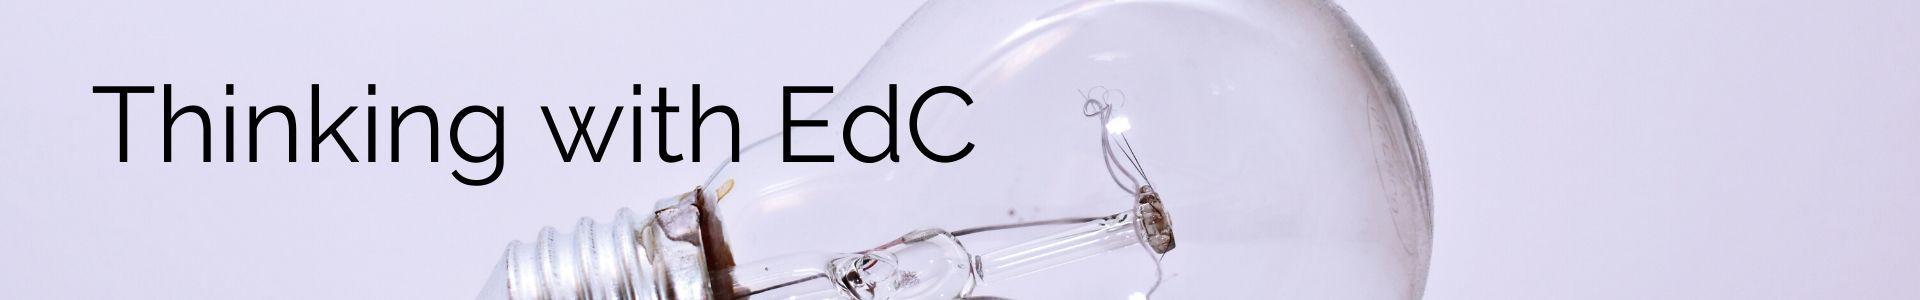 Thinking with EdC